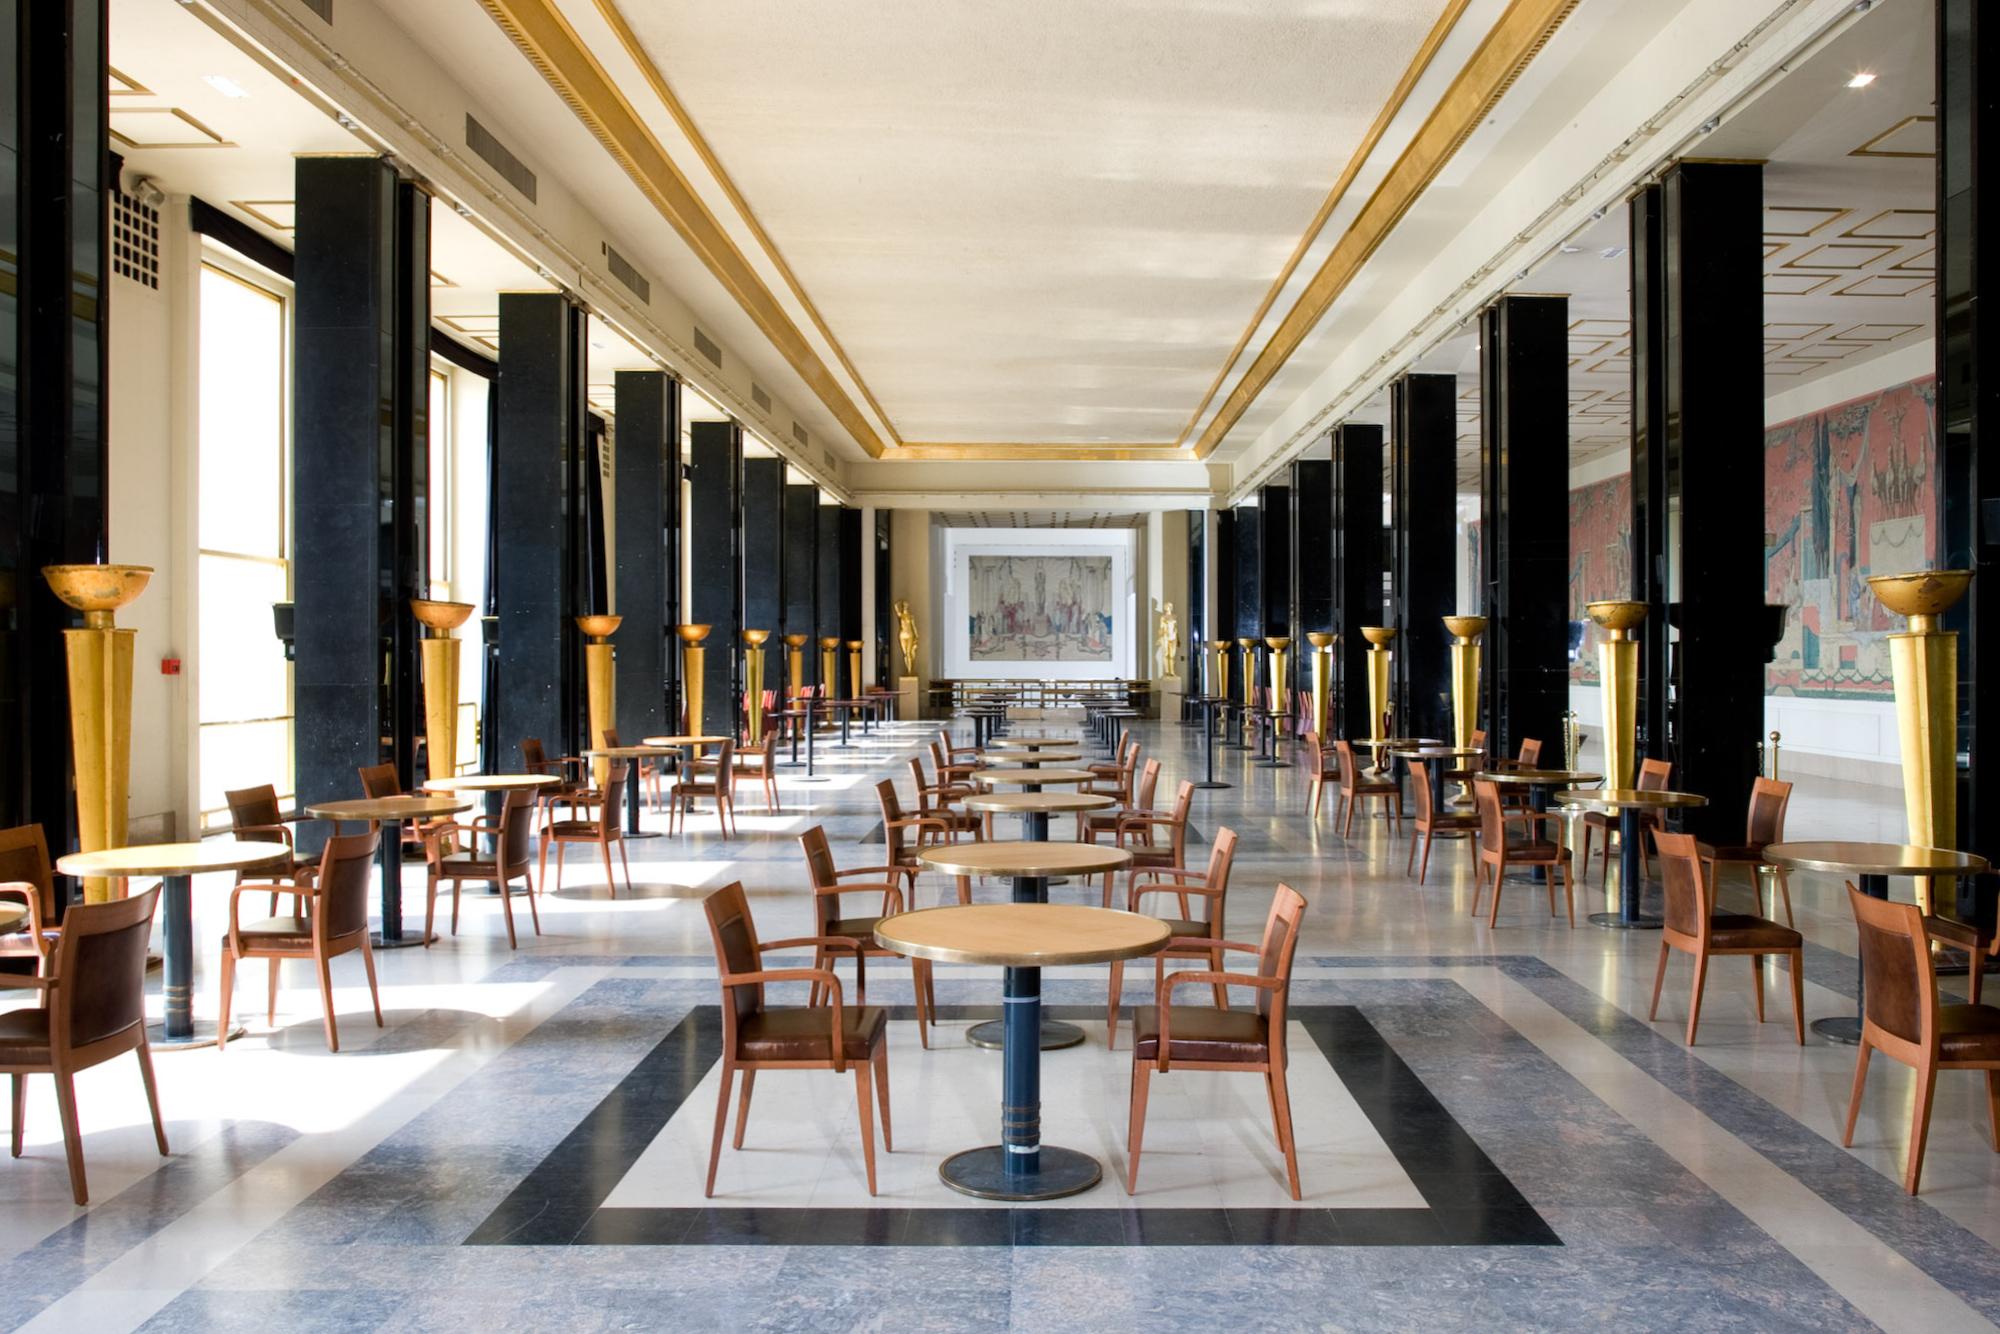 Chaillot_-_Grand_Foyer.jpg?uselang=fr